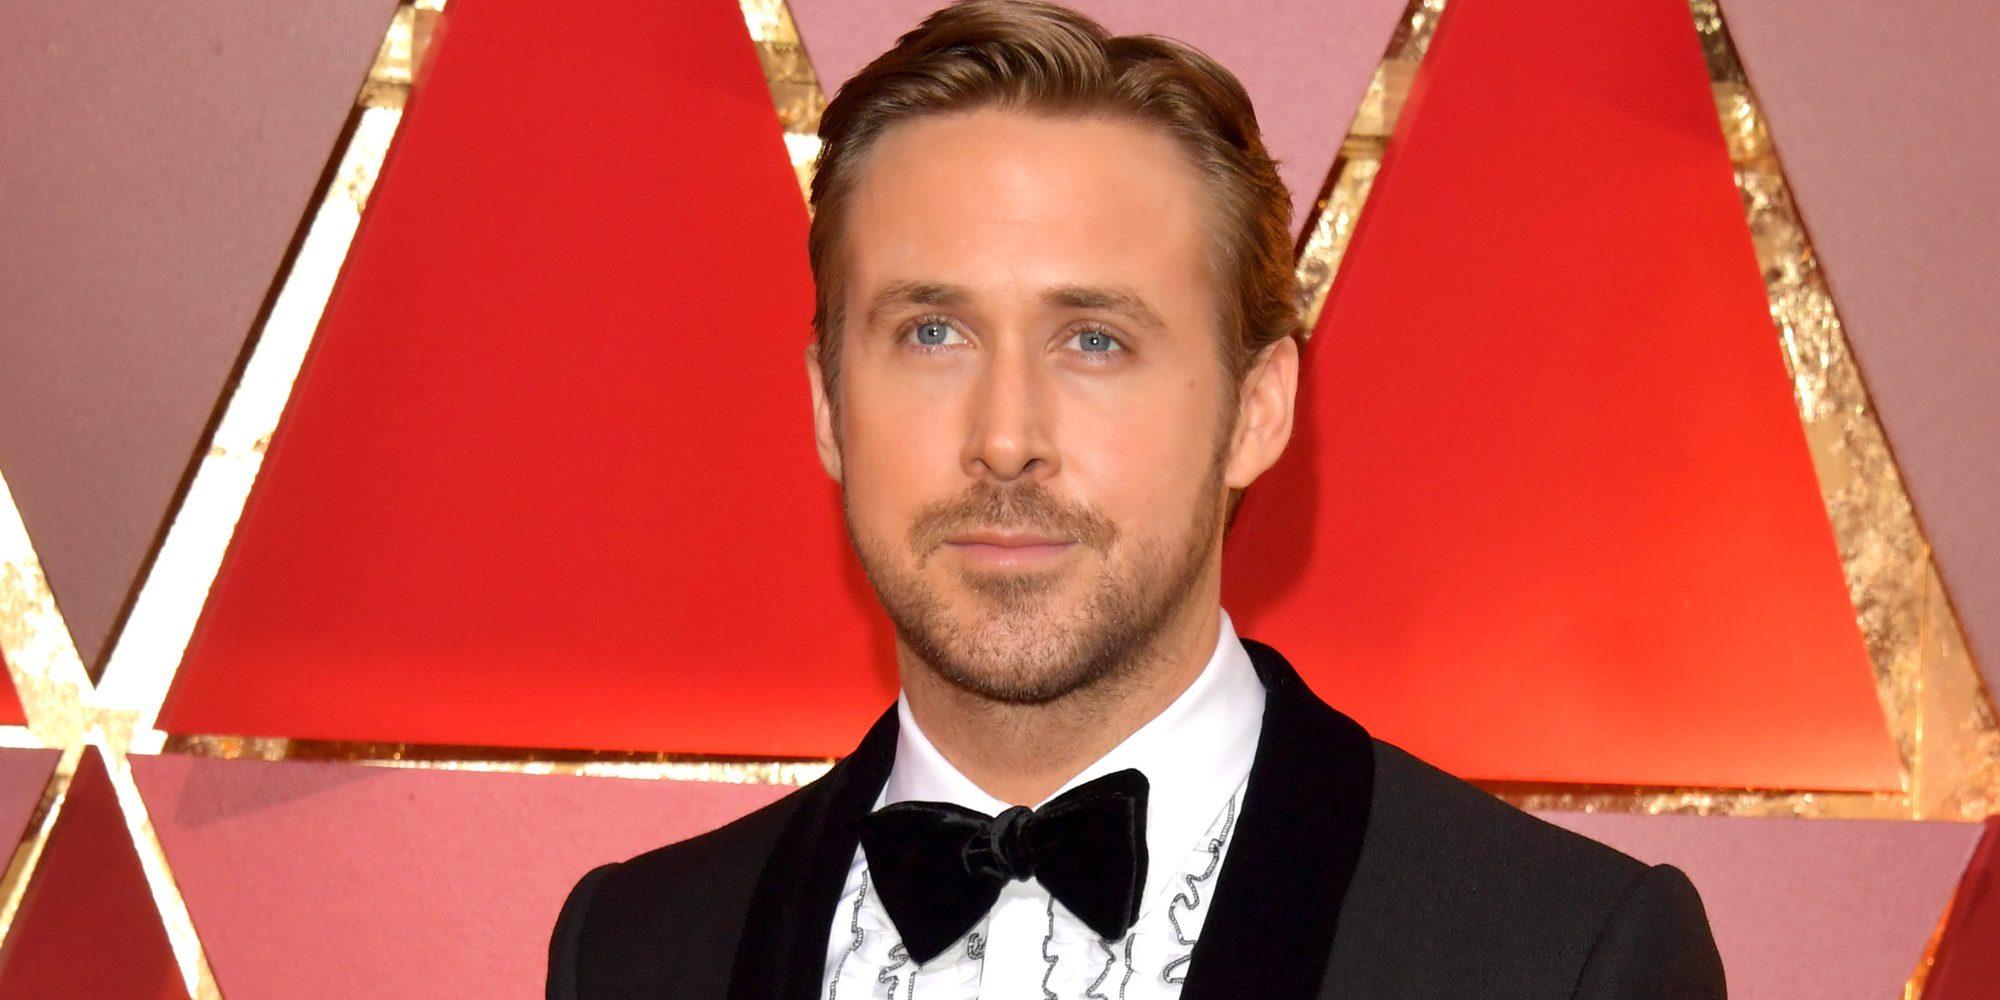 Suplantan a Ryan Gosling en la entrega de los premios Cámara de Oro 2017